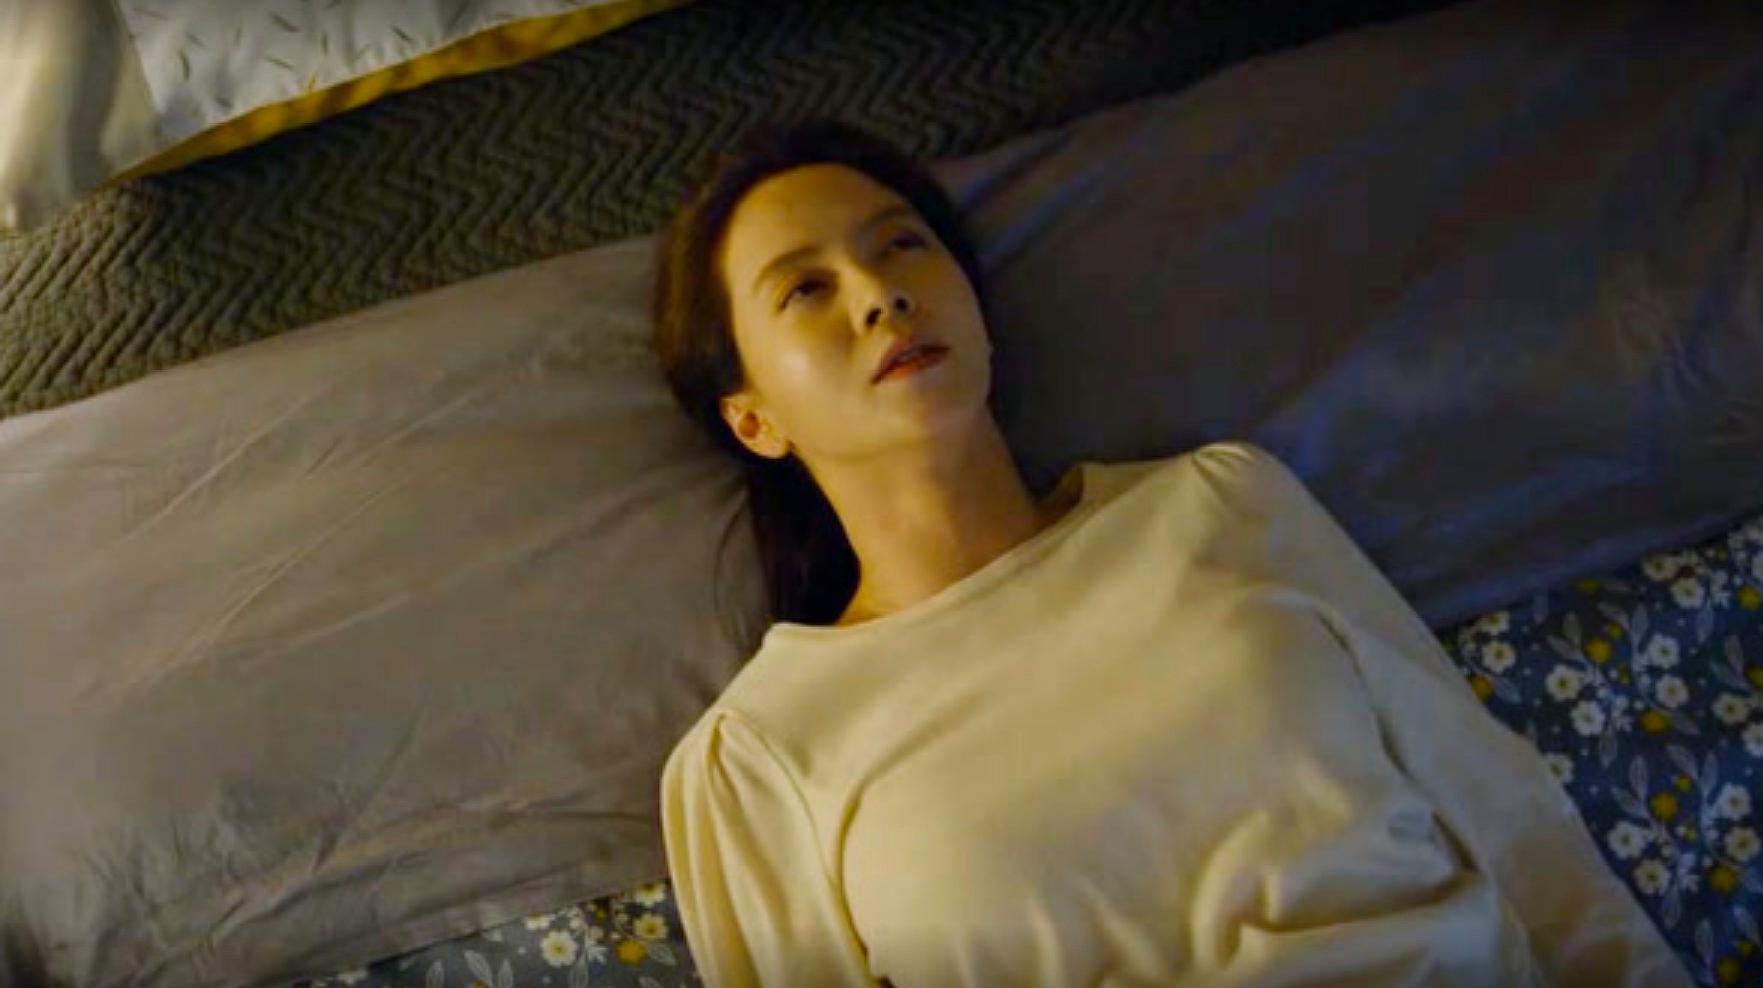 一部揭露人性的韩国电影,全程无尿点,看后意犹未尽